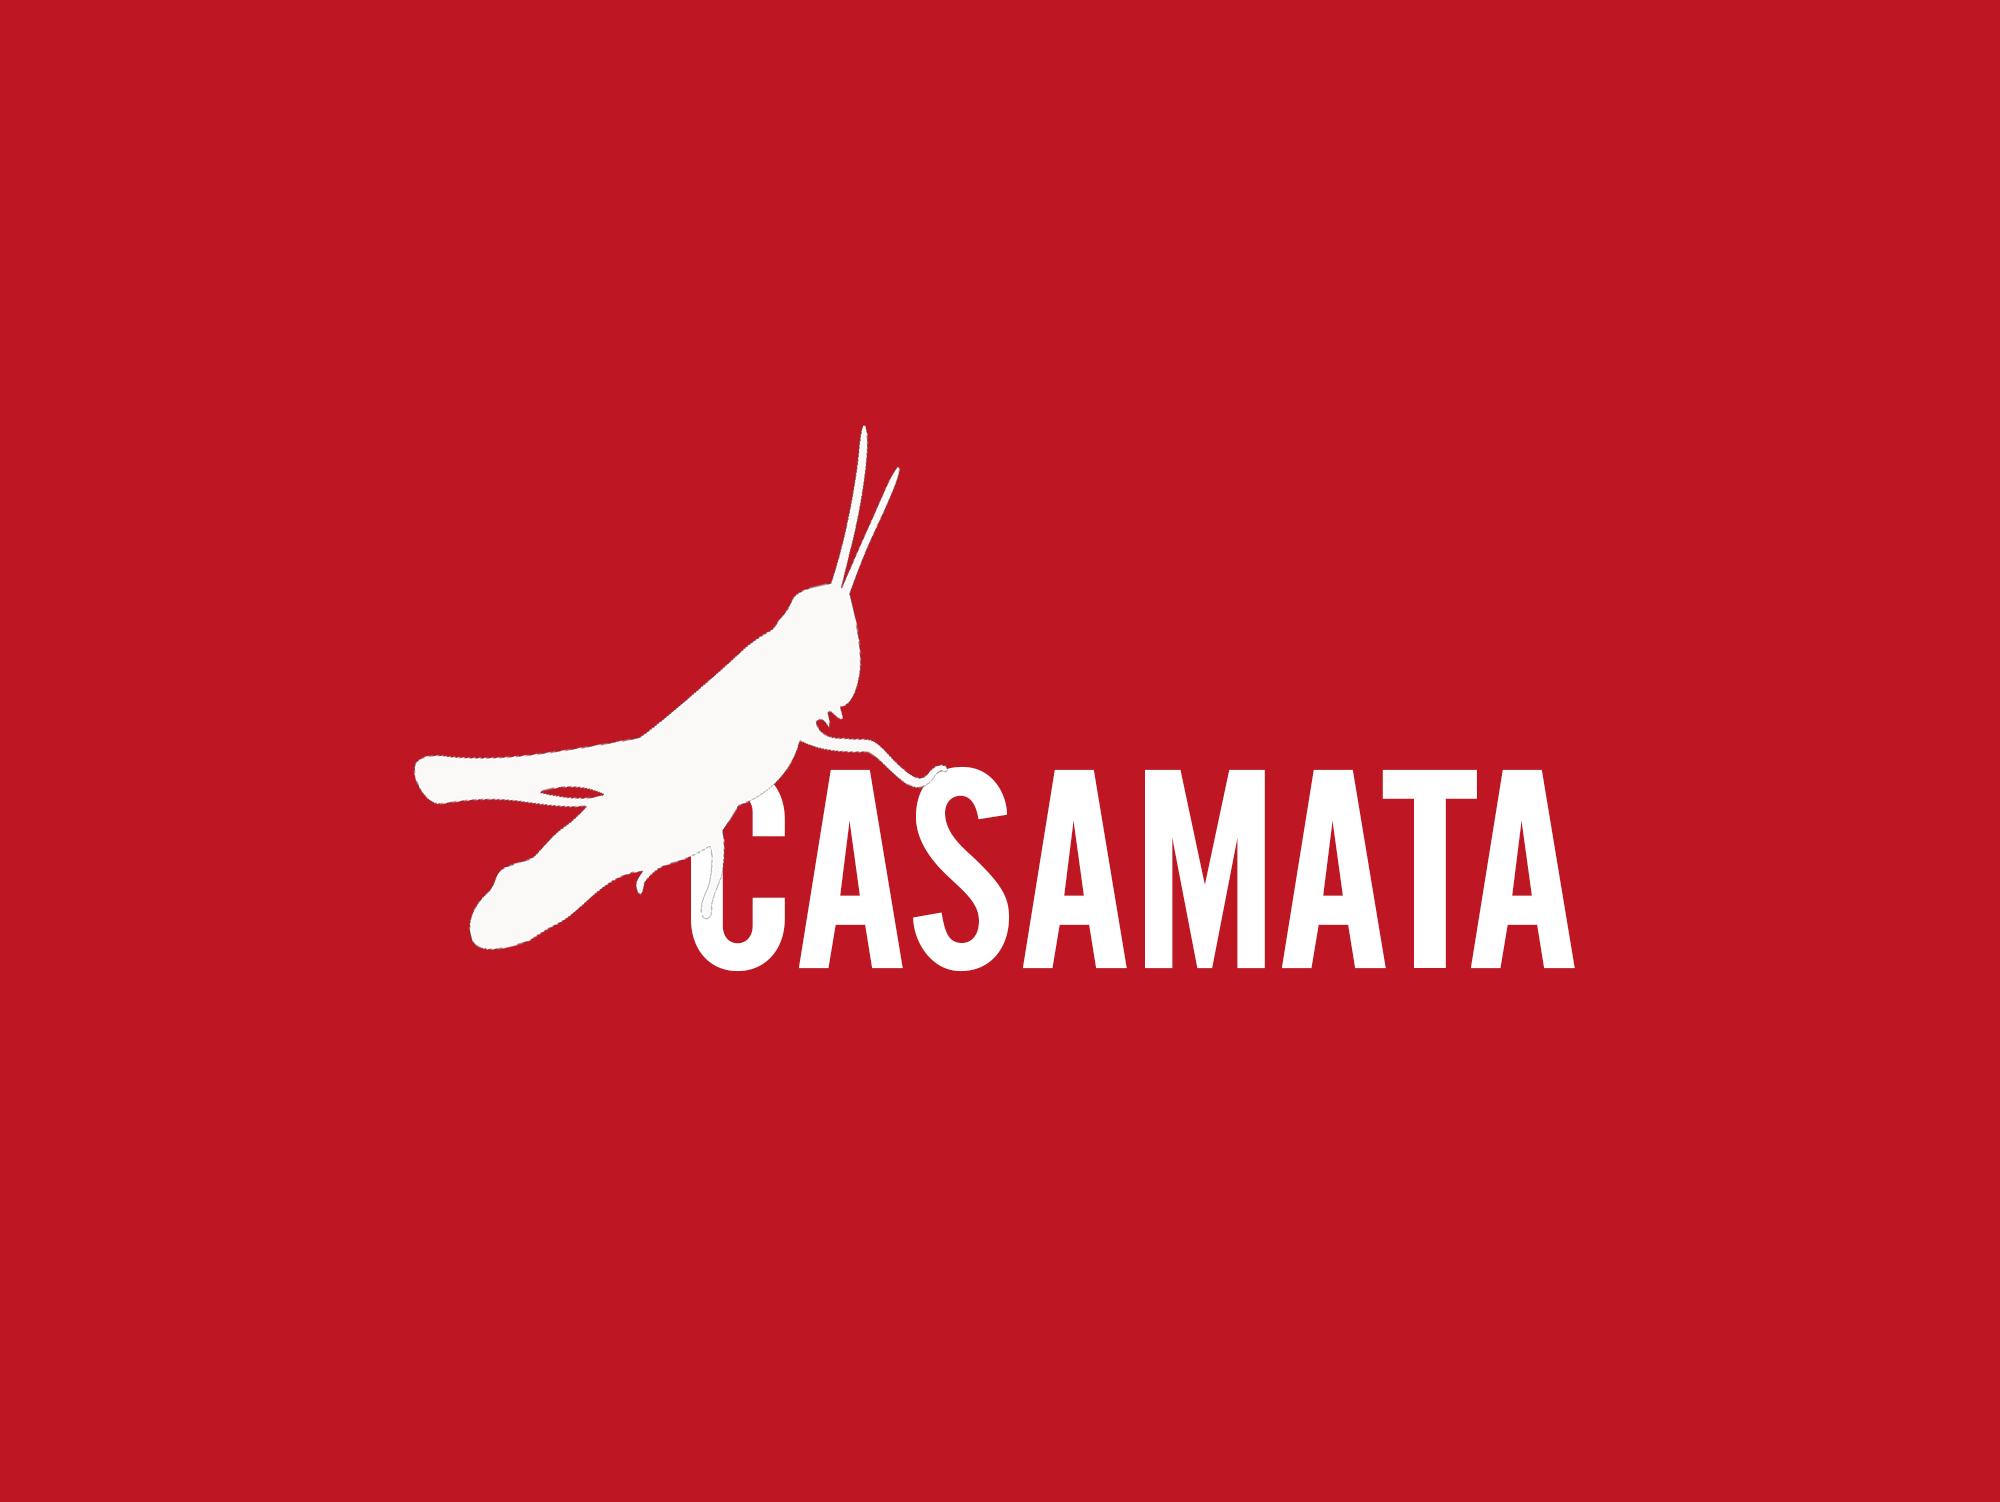 CASAMATA